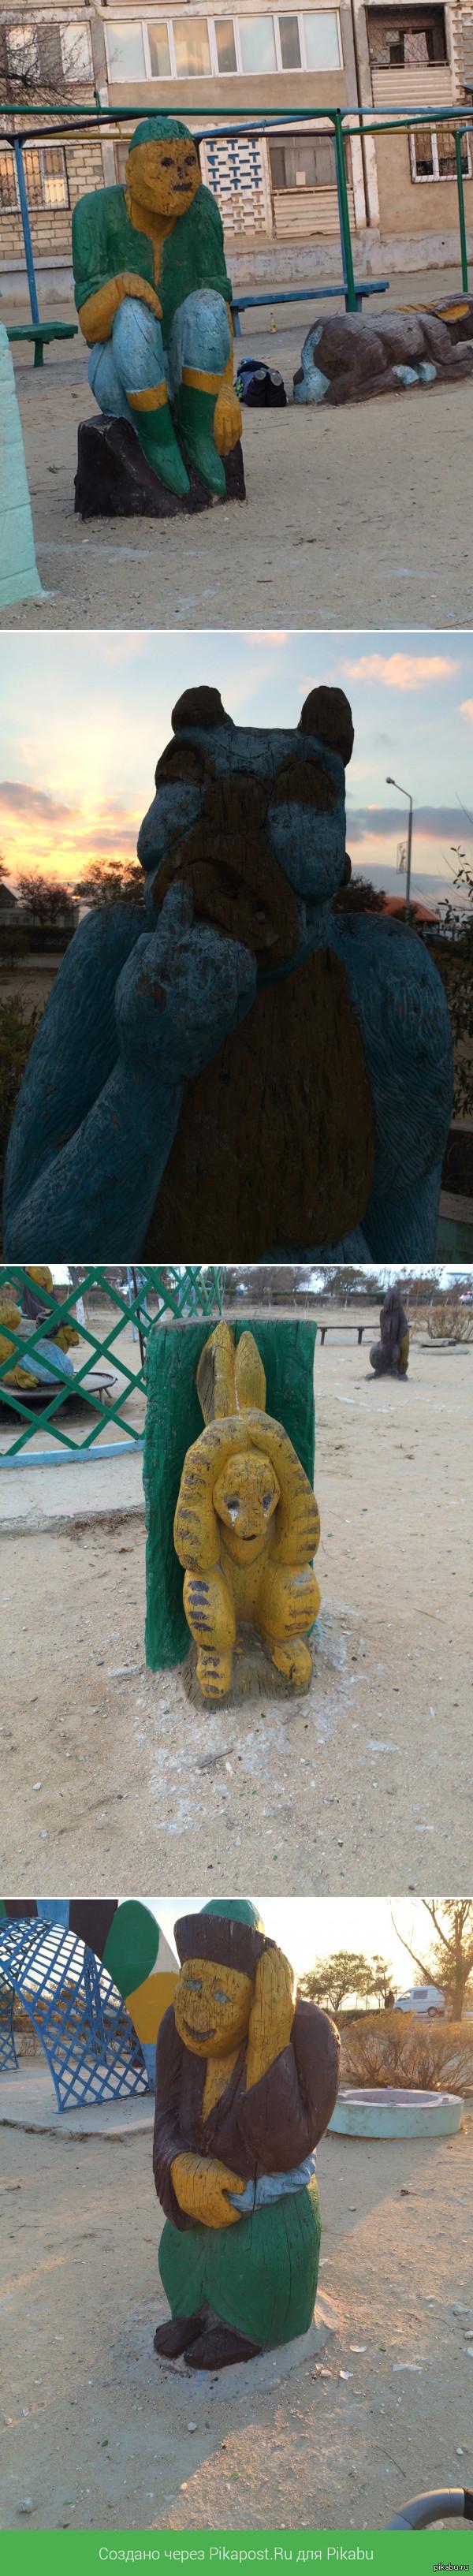 Детская площадка Много лет проходила мимо этой площадки. Решила погулять там с сыном, вгляделась в персонажей. Теперь думаю - стоит ли туда возвращаться?